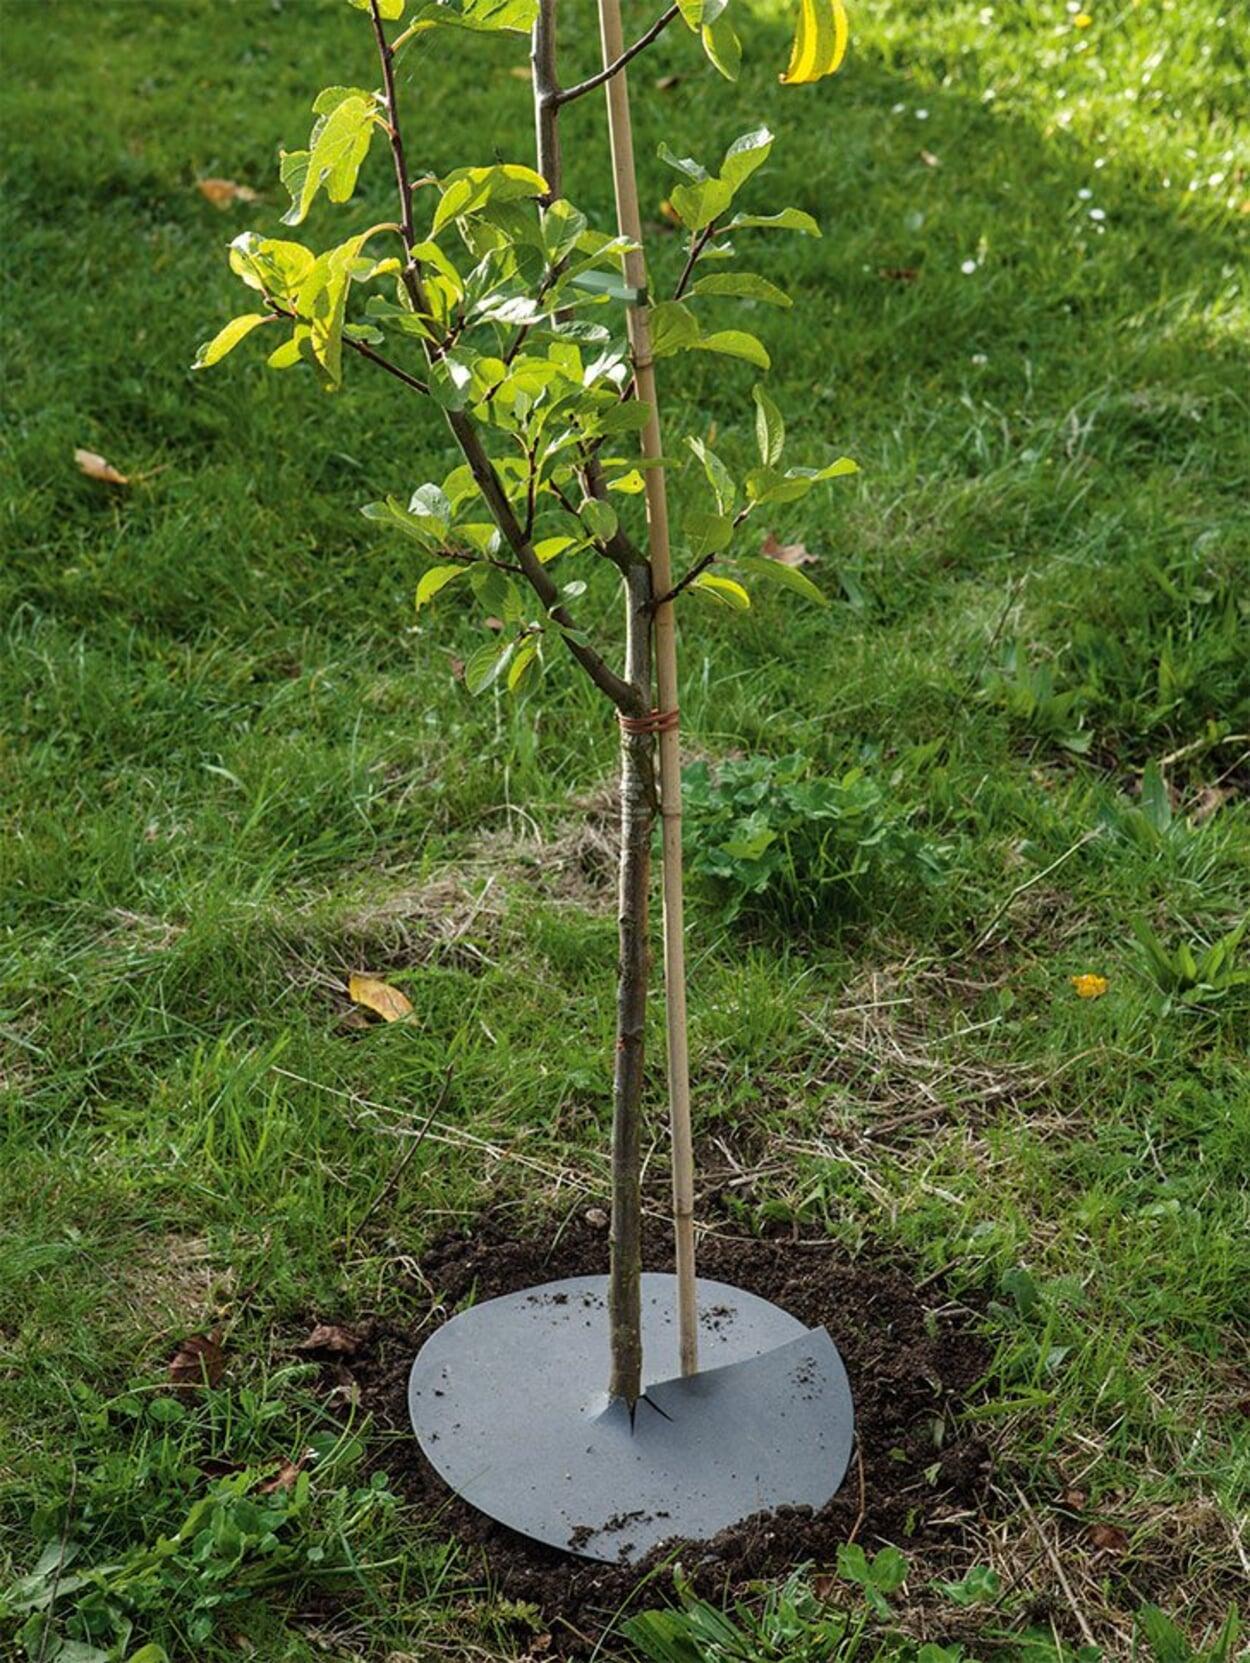 Um das Anwachsen zu fördern, die Baumscheibe abdecken